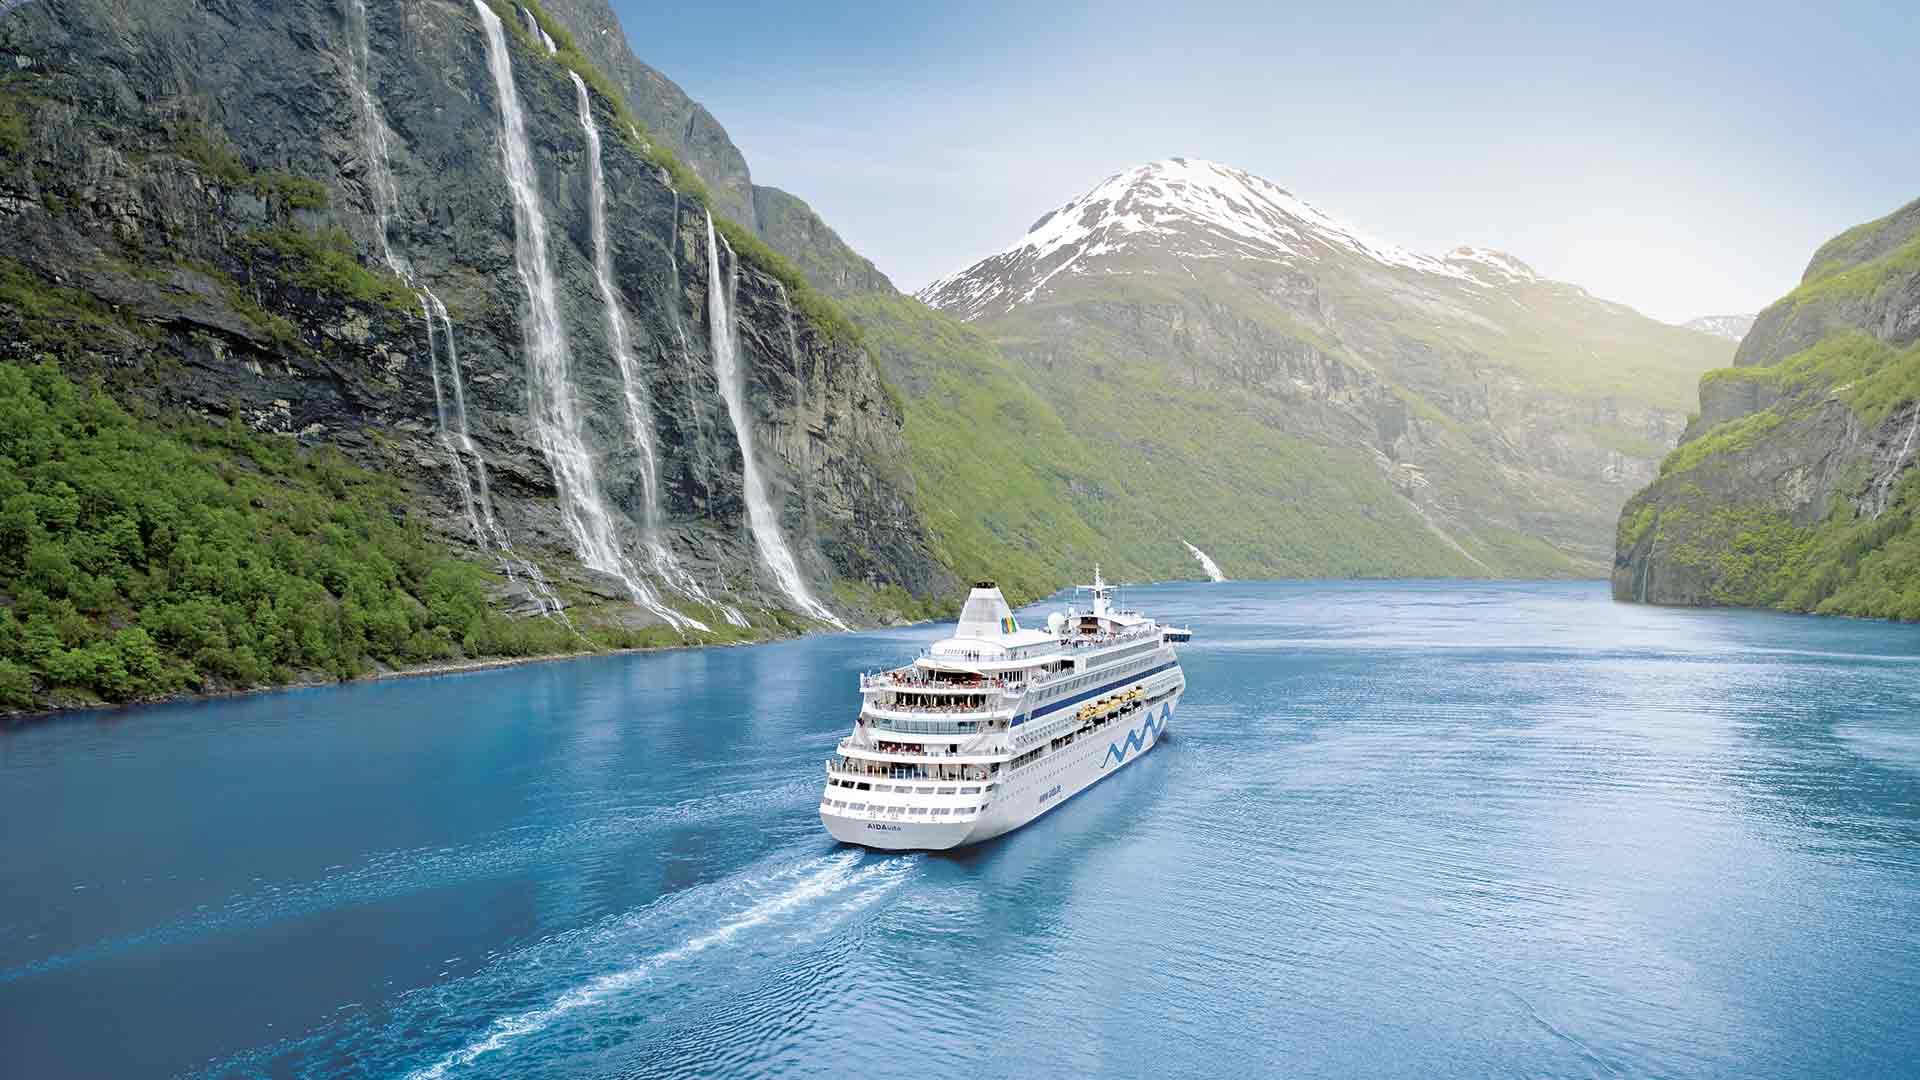 Aida Selection Kreuzfahrt Expedition in Norwegen. Das Aida Kreuzfahrtschiff fährt in ein norwegisches Fjord ein, hohe Wasserfälle stürzen ins Meer, die Berghänge sind von Wäldern und Schnee bedeckt.